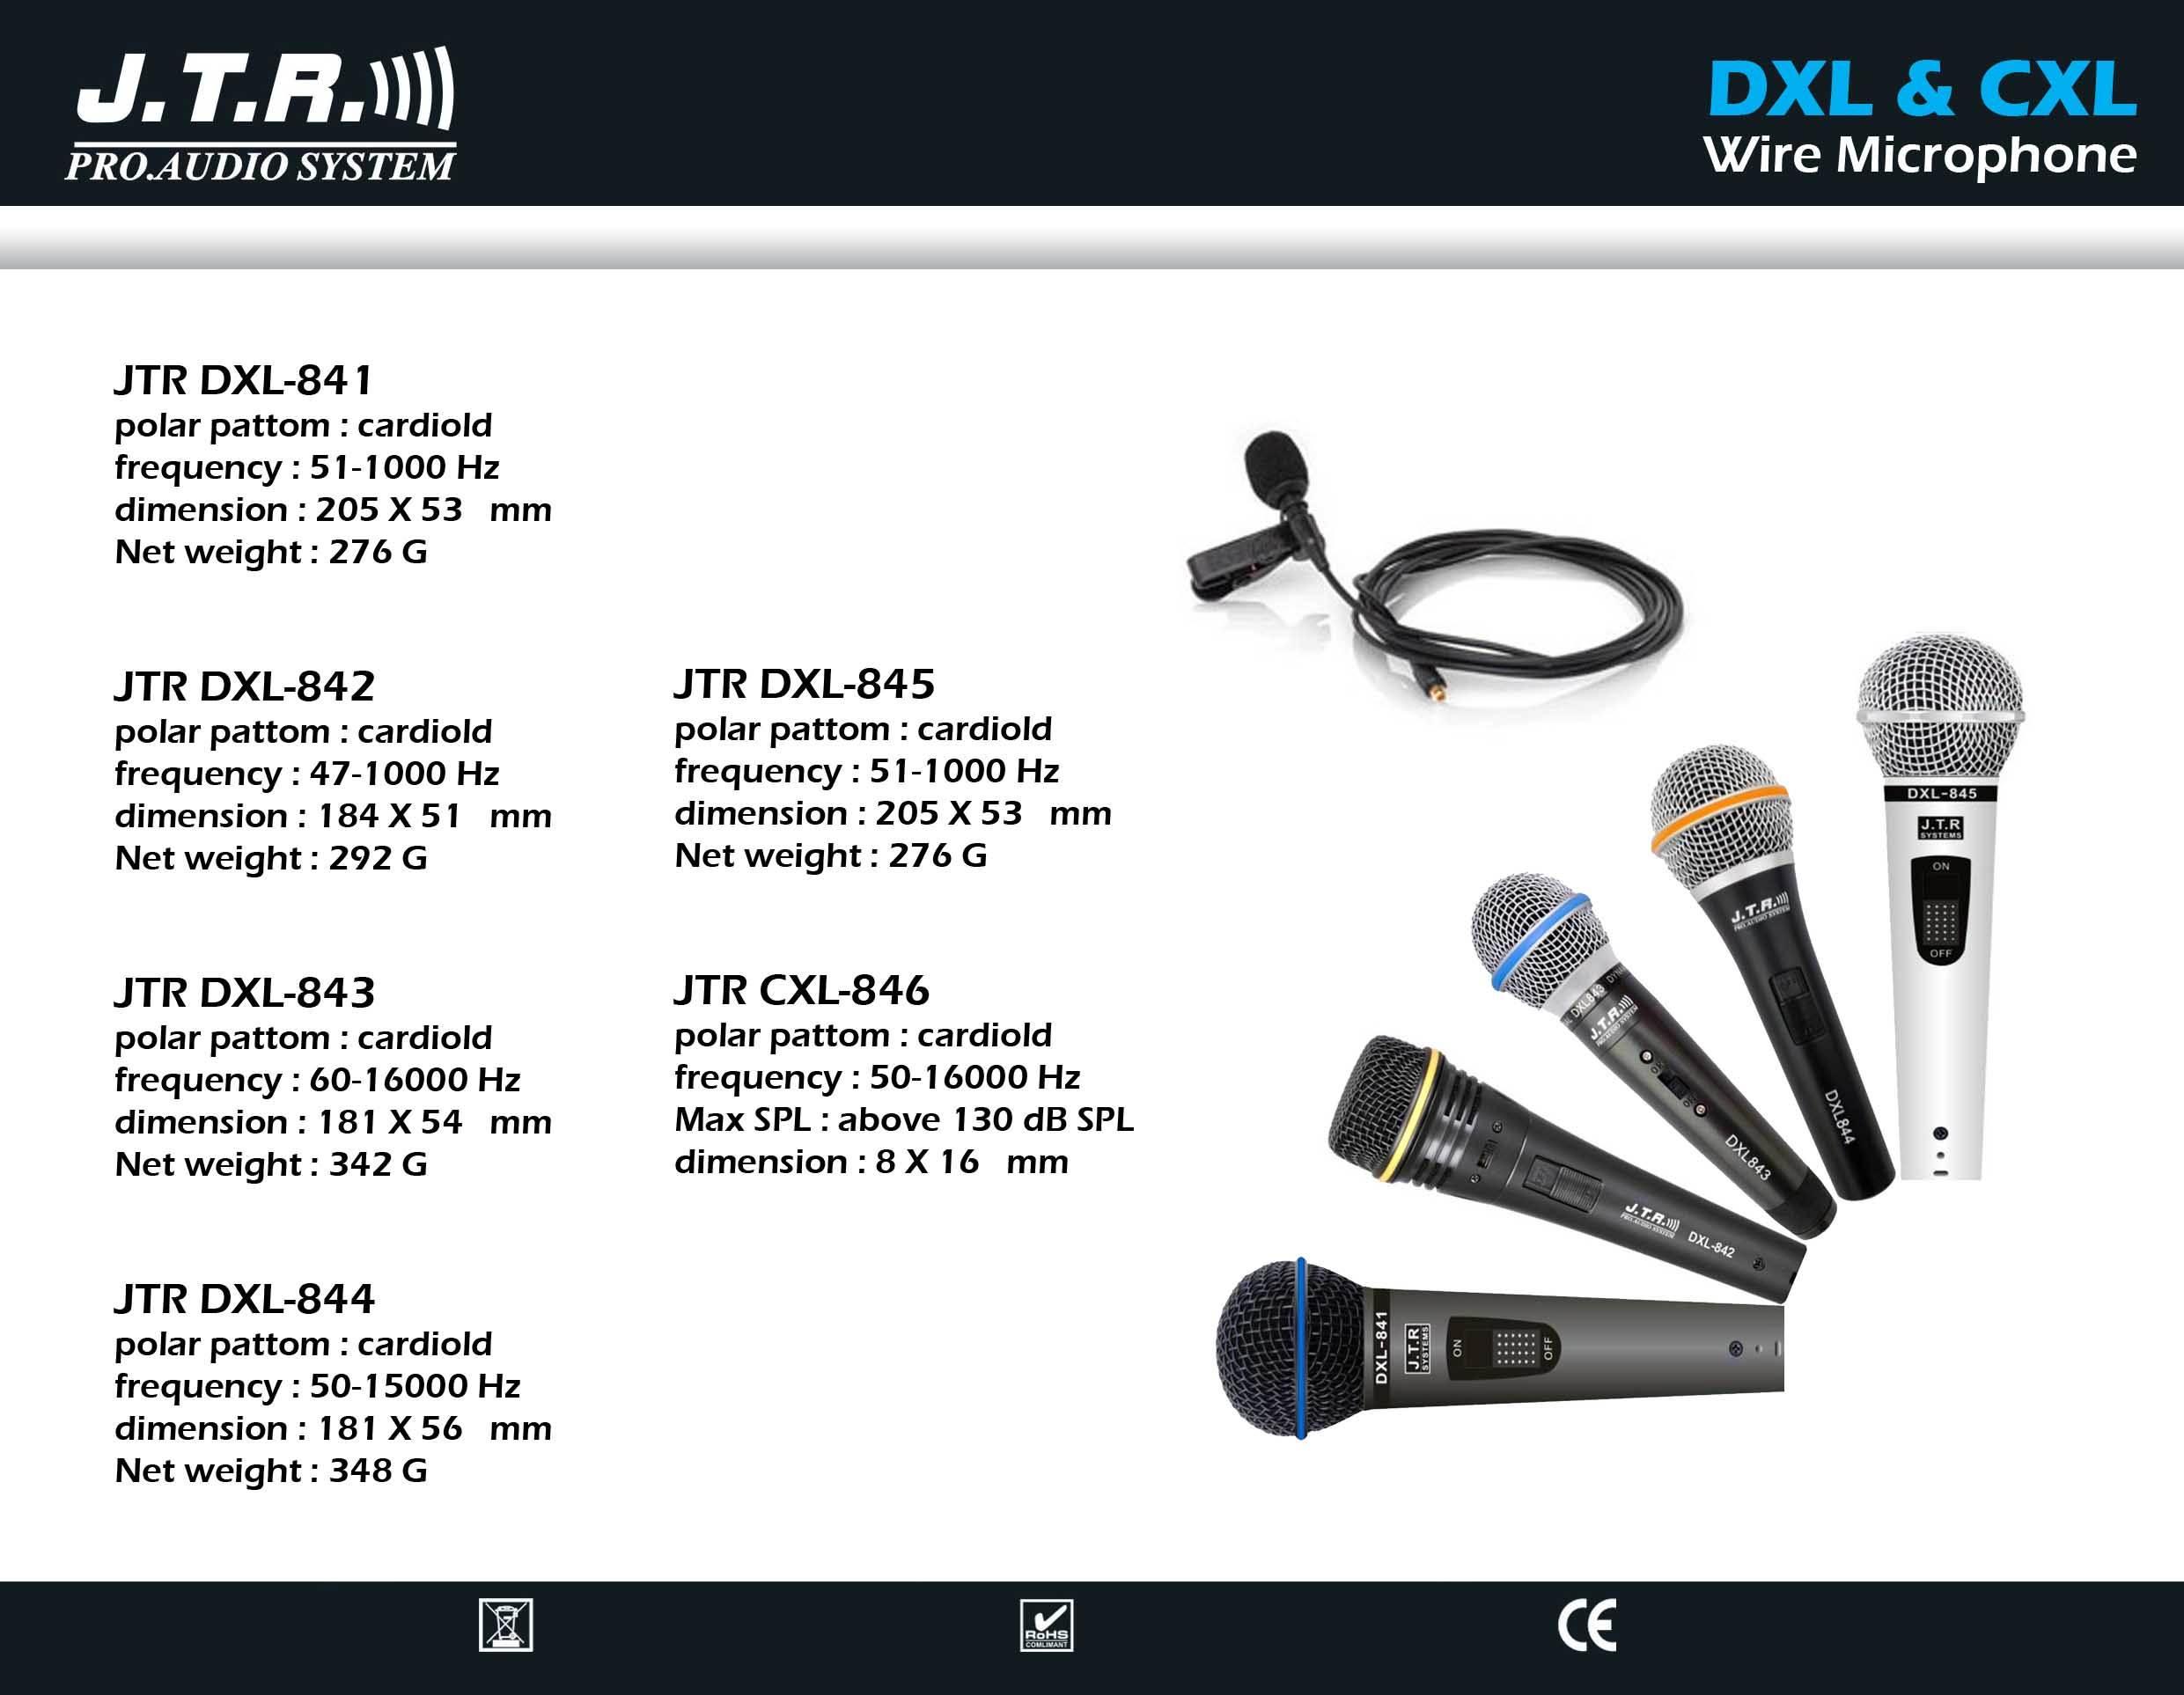 انواع میکروفن های با سیم دستی و یقه ای محصول کمپانی JTR سری DXL & CXL